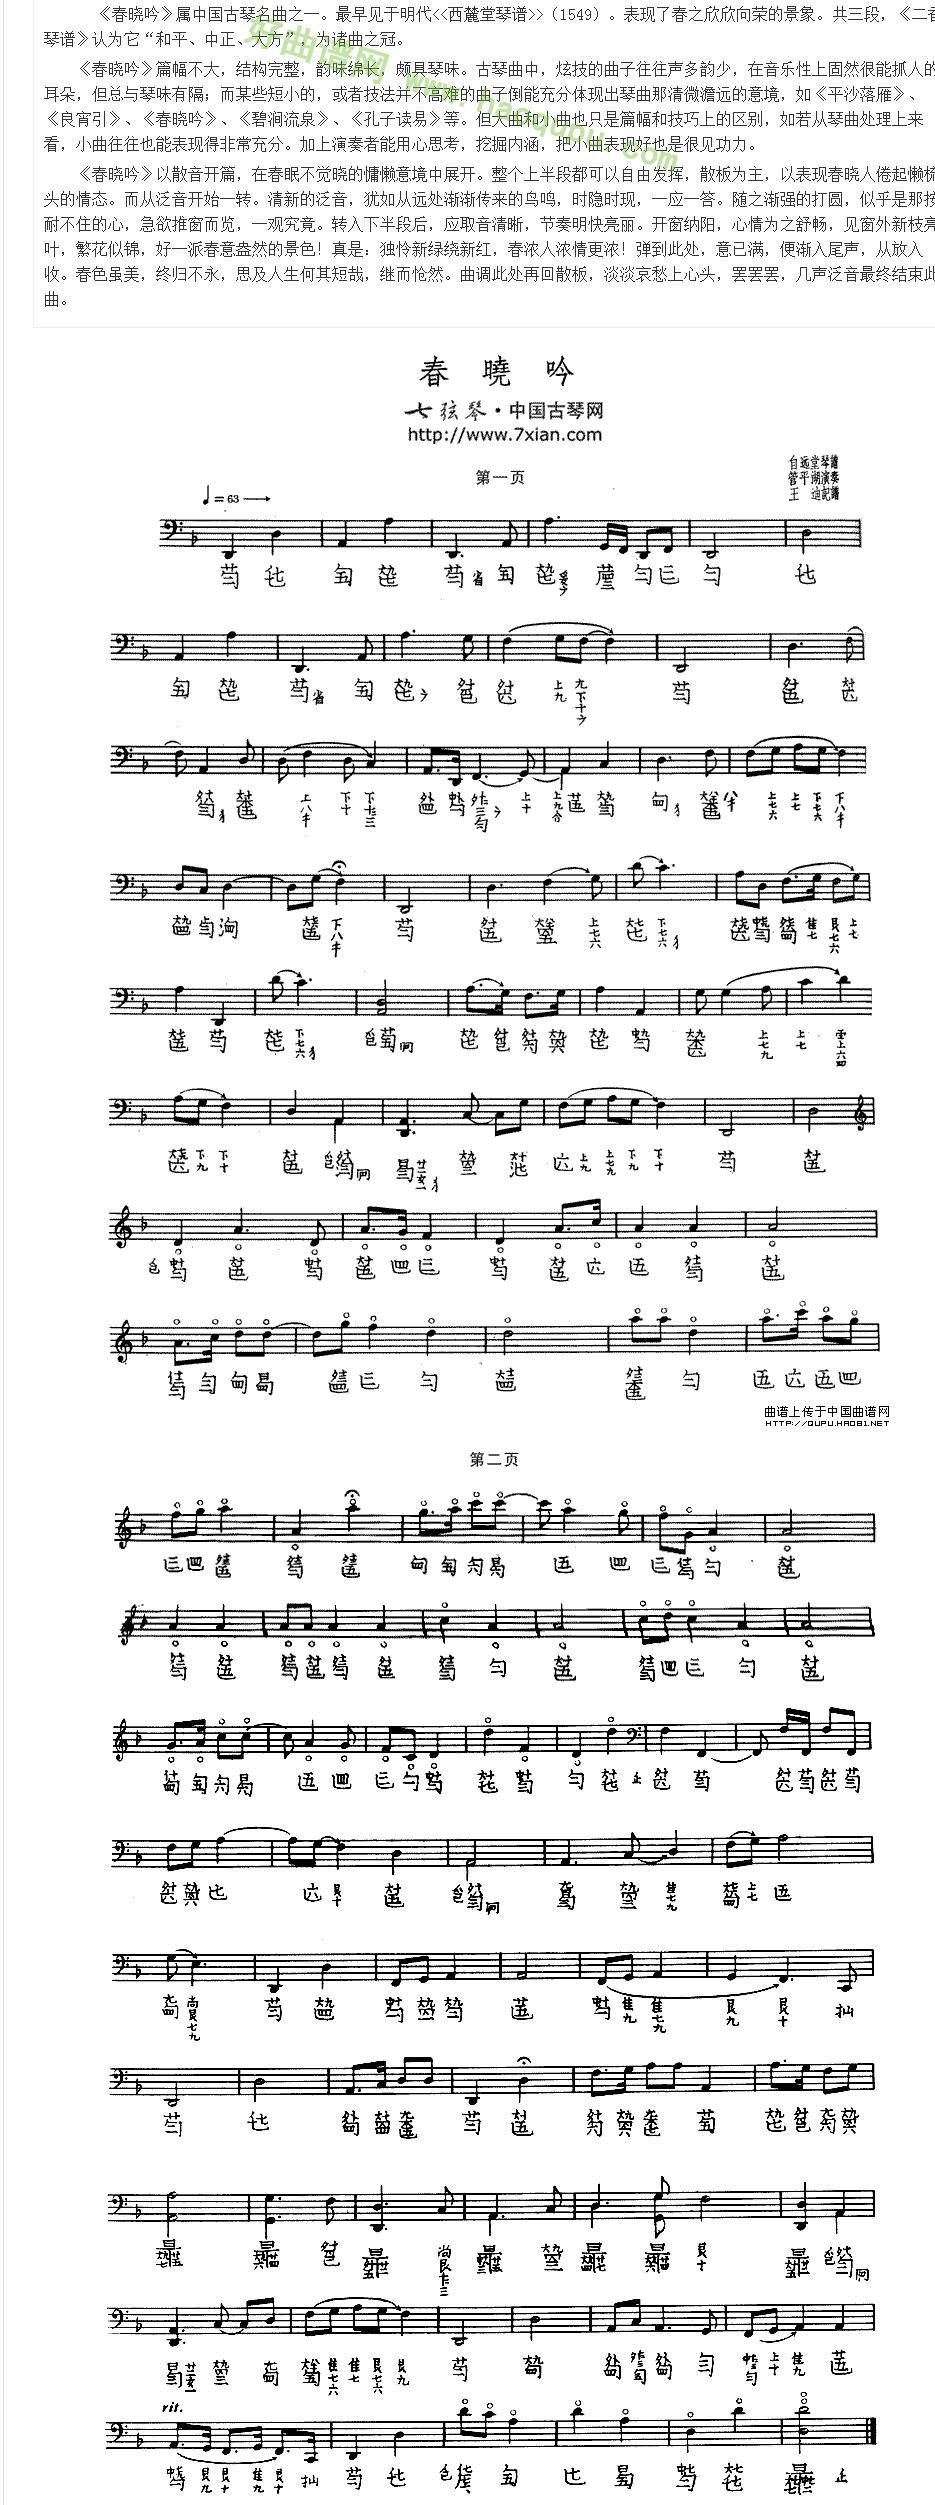 《春晓吟》(古琴谱、五线谱+减字谱)古筝曲谱第1张